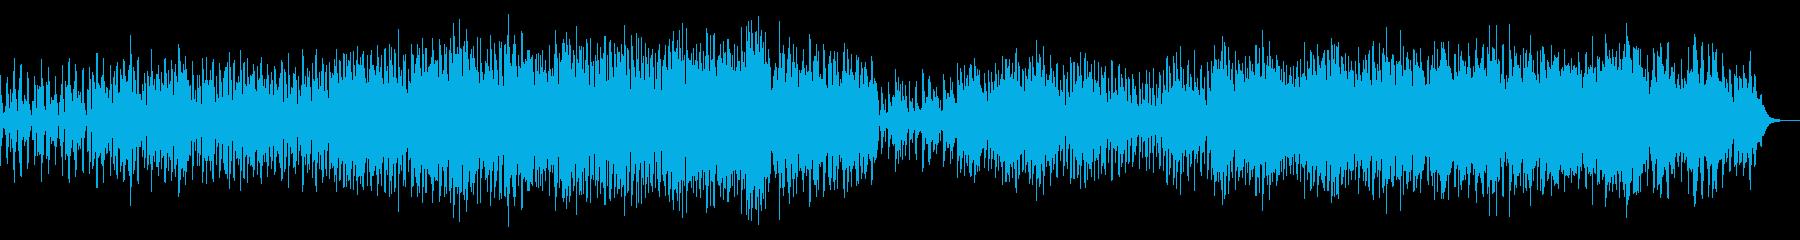 陰鬱なテクスチャのアンビエントIDMの再生済みの波形